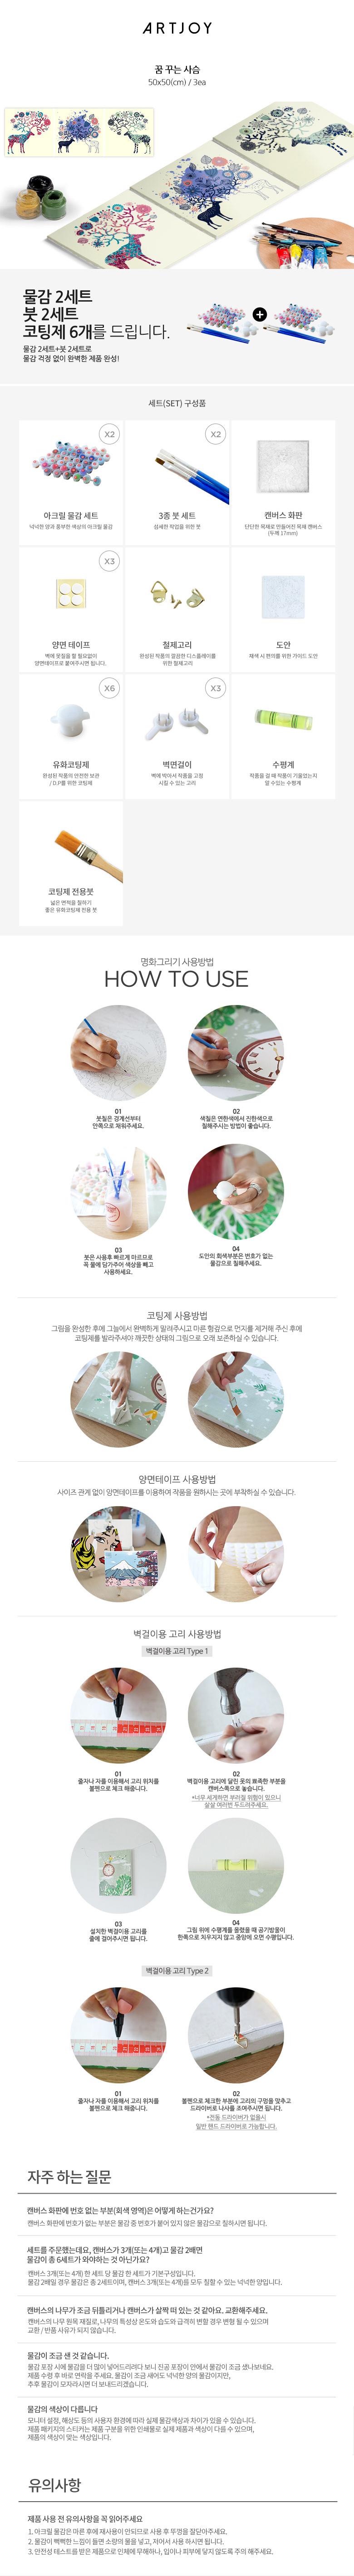 아트조이 DIY 명화그리기 꿈꾸는 사슴 50x50 (3단세트) - 아트조이, 39,400원, DIY그리기, 명화/풍경 그리기